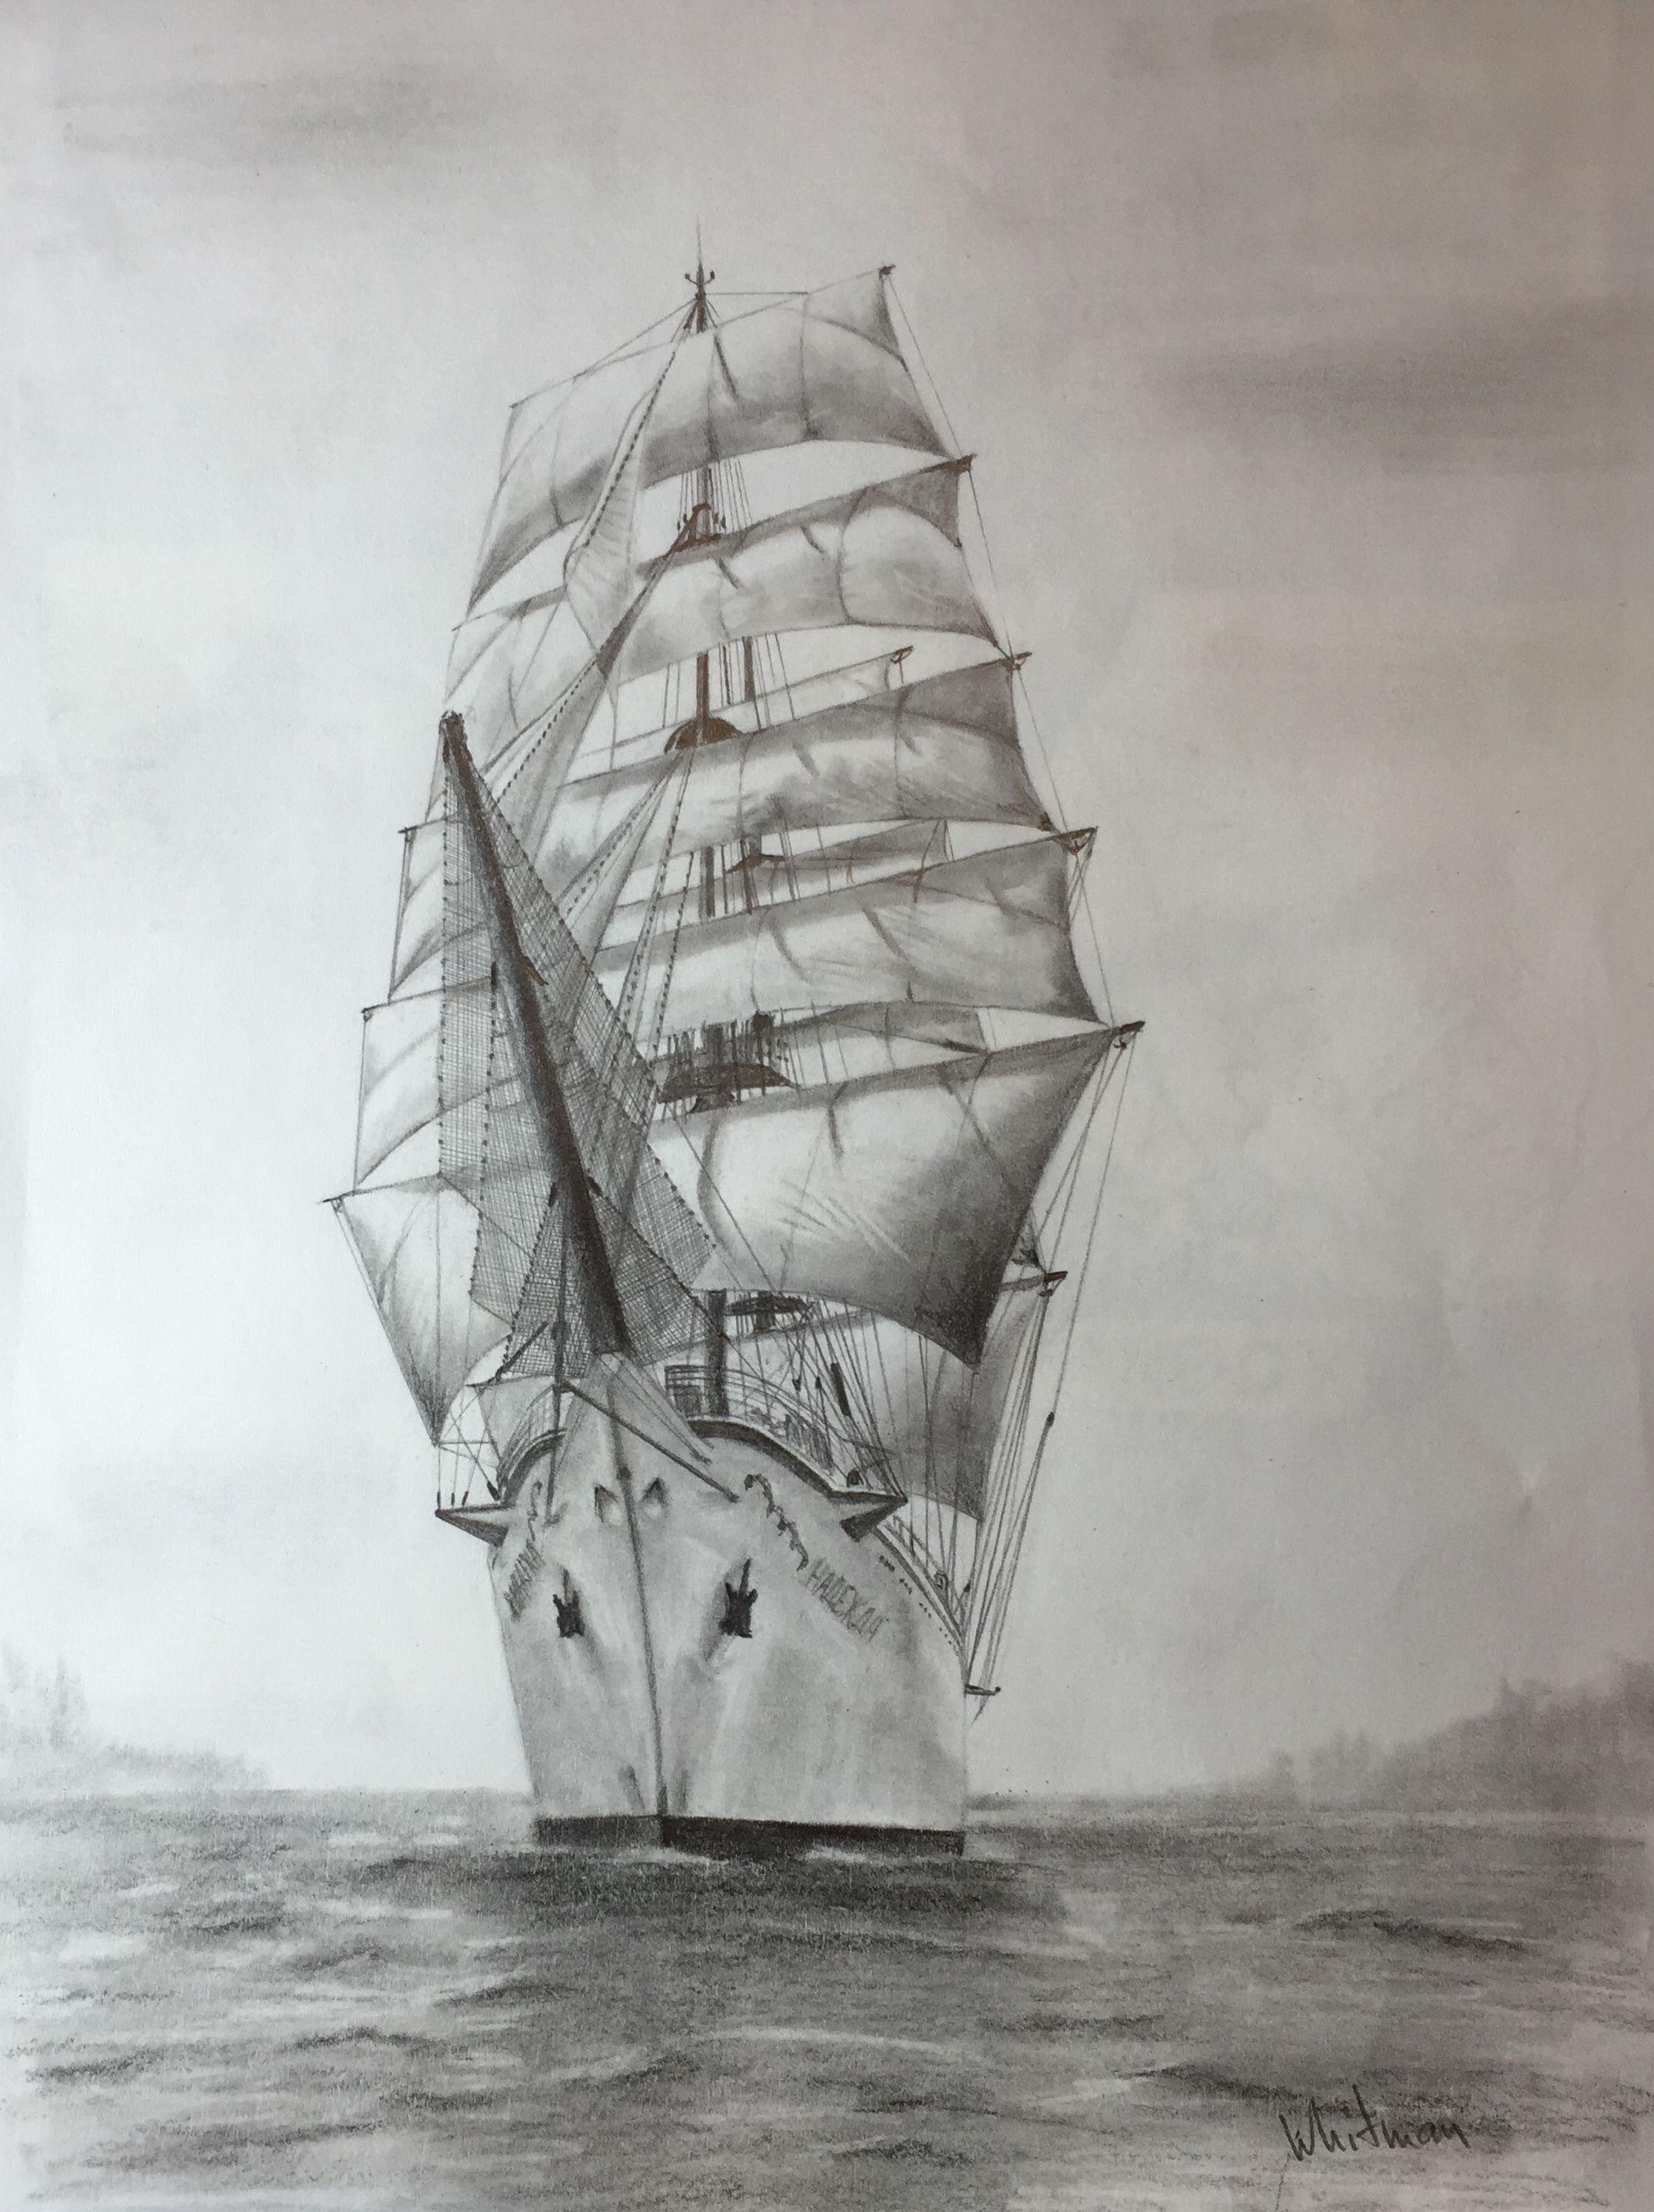 2153x2879 Nadezhda Tall Ship, Sail Ship. Beautiful Russian Frigate Sketch